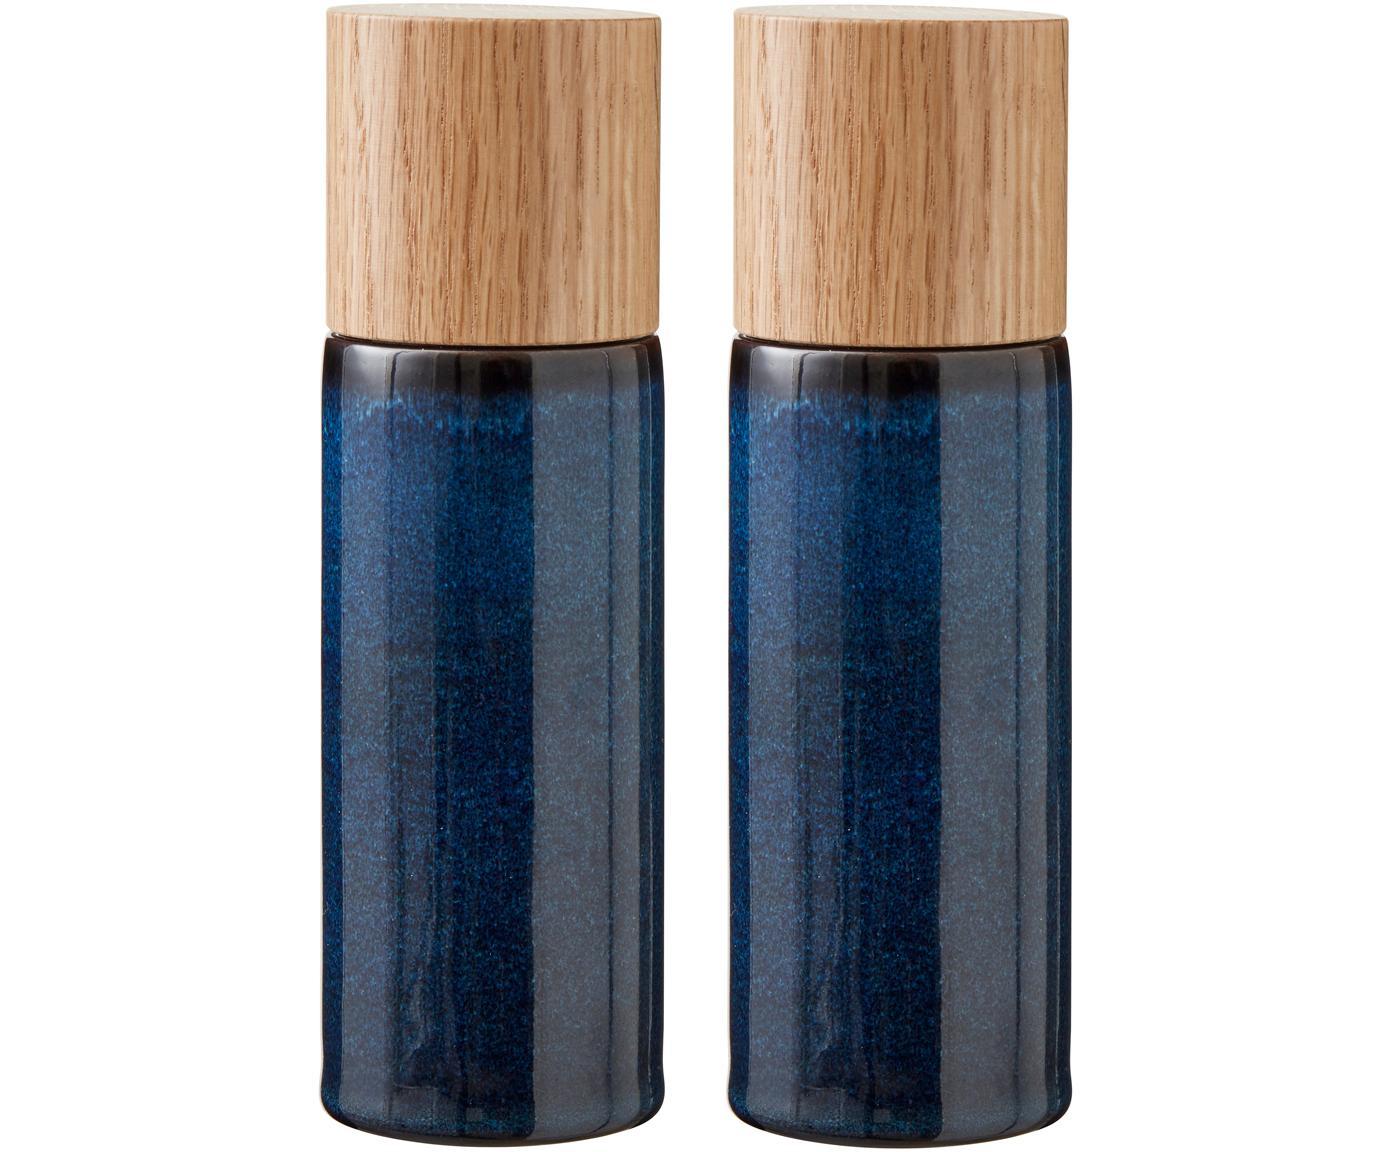 Set macina spezie Bizz 2 pz, Coperchio: legno di quercia, Blu scuro, marrone, legno, Ø 5 x Alt. 17 cm